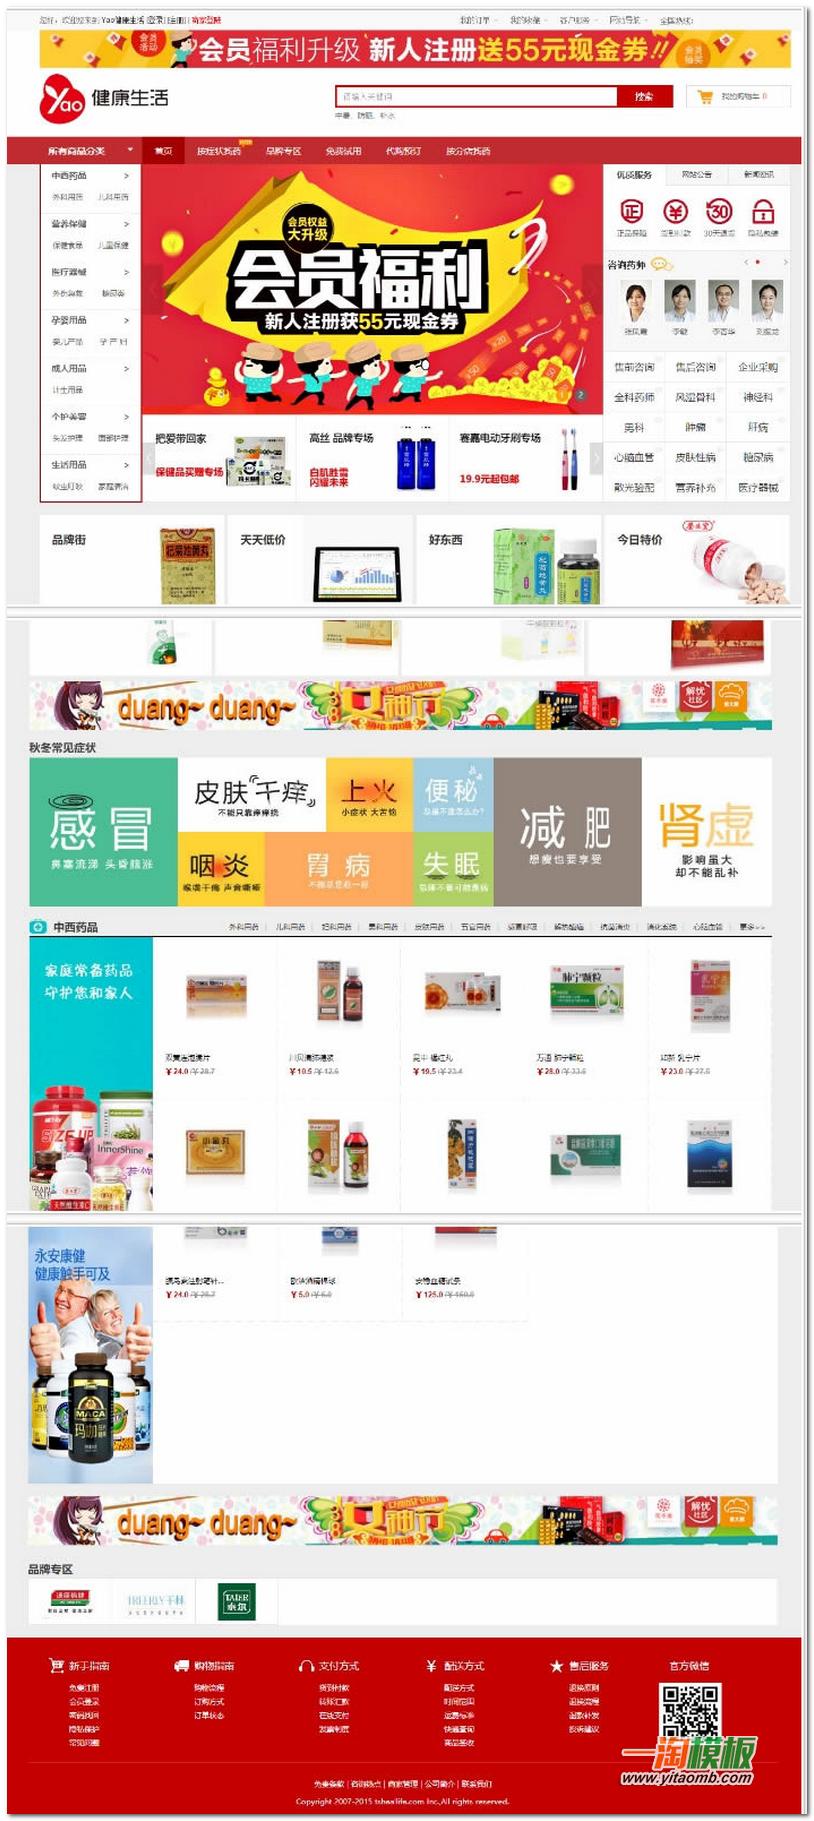 最新健康生活网上药店商城系统源码药品零售网成人用品保健食品、美妆护理两性医疗器械